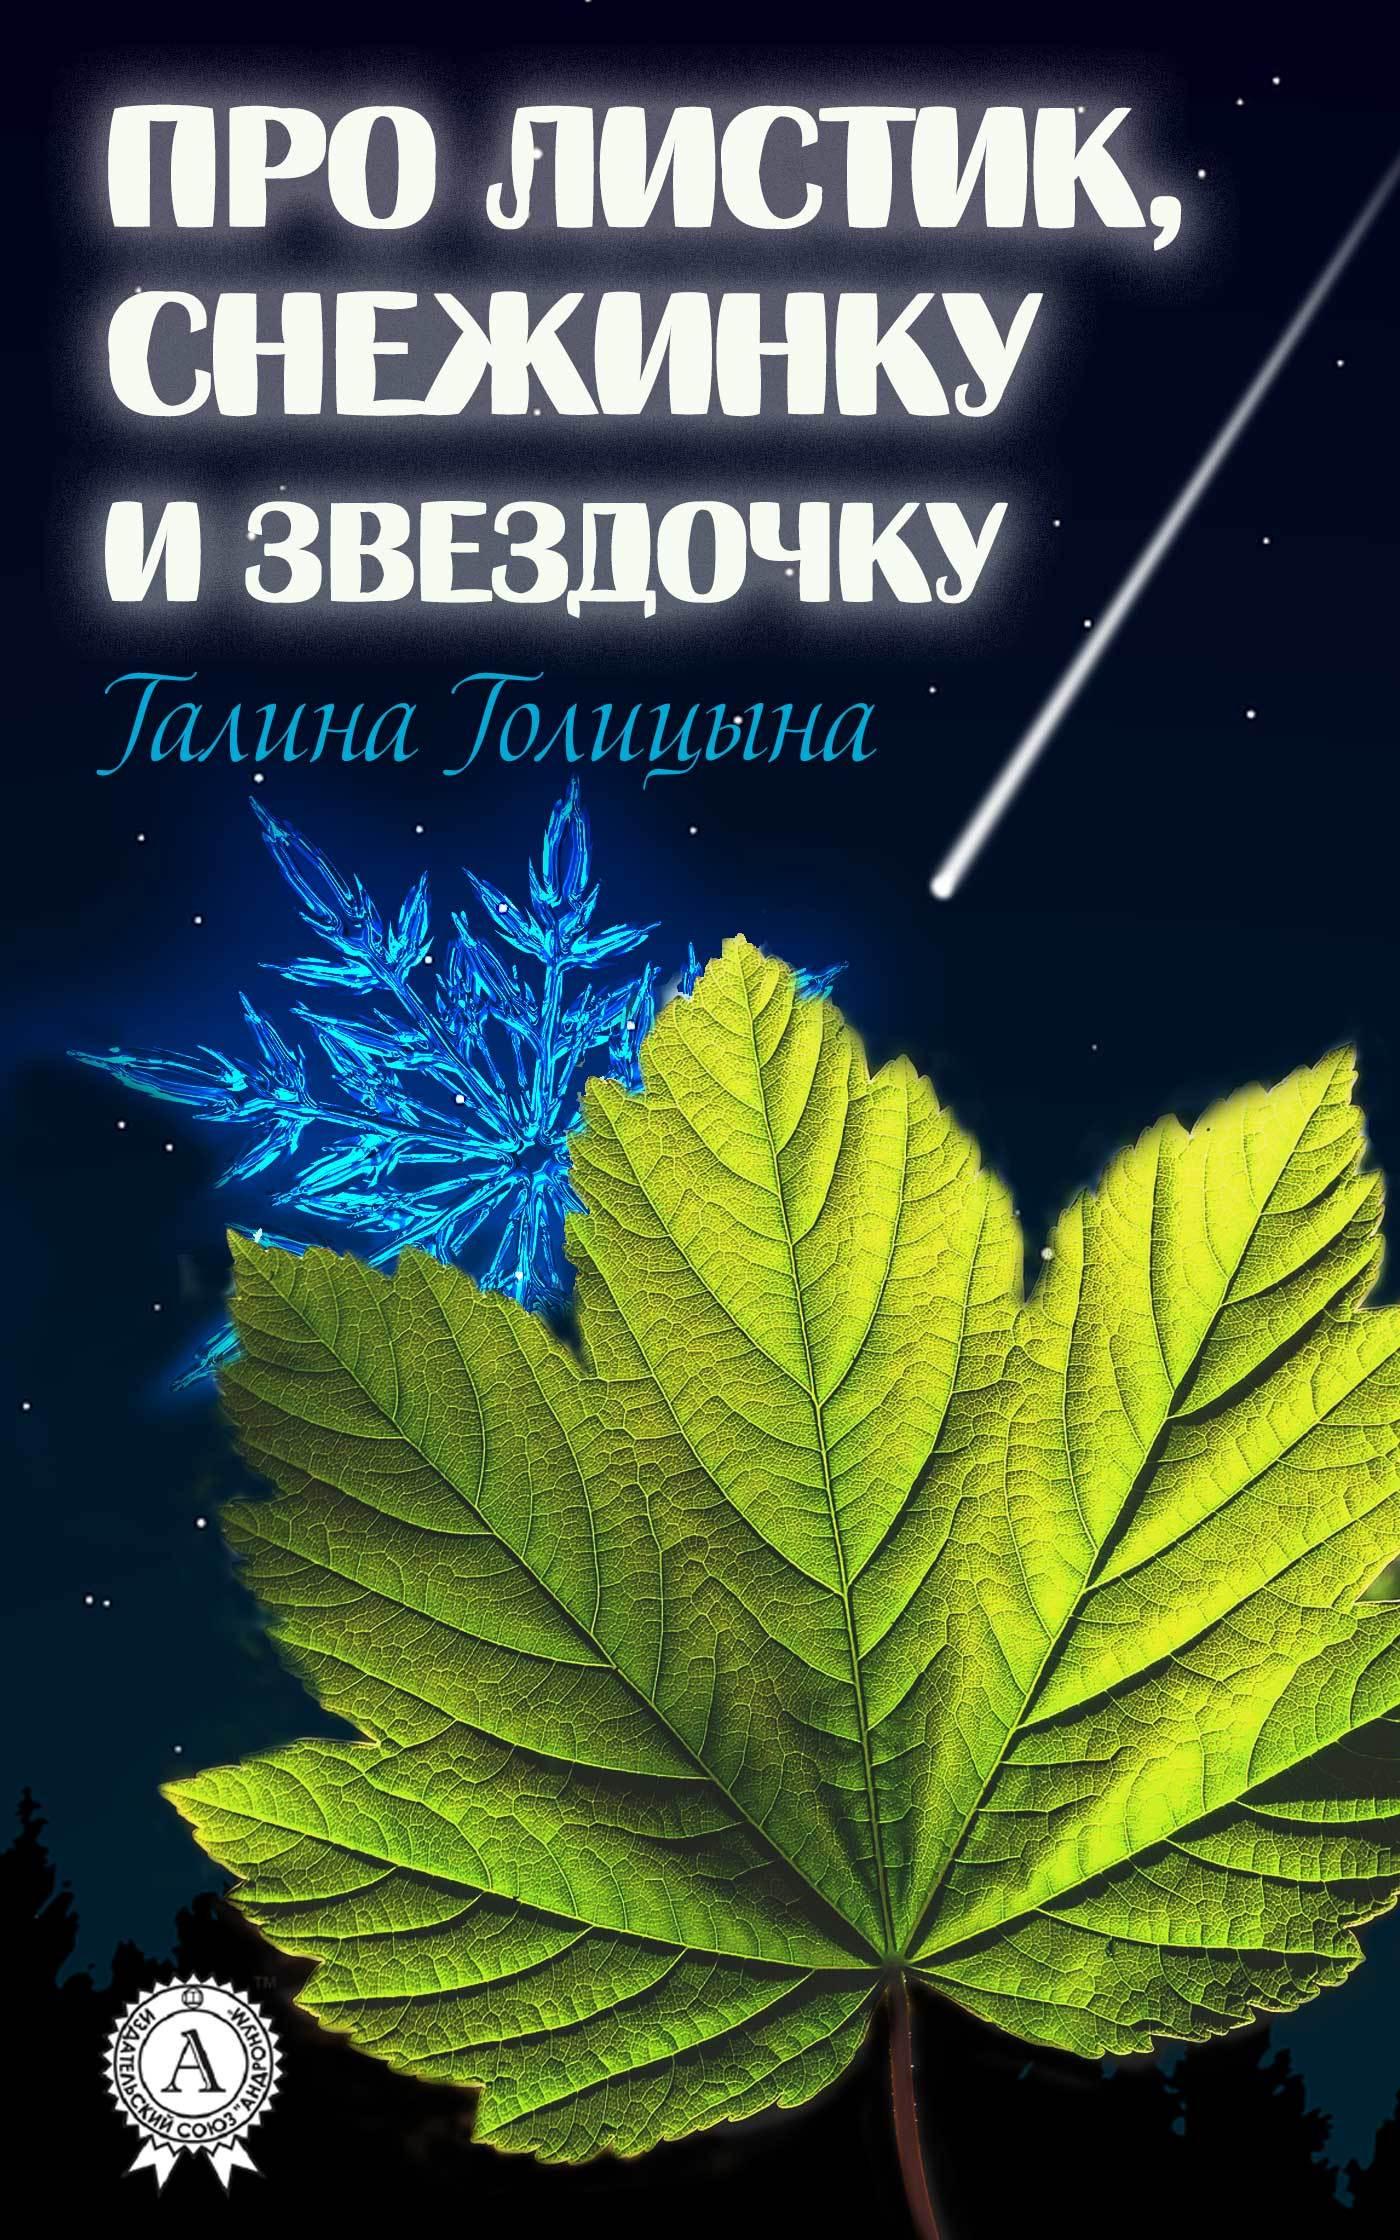 Галина Голицына - Про листик, снежинку и звездочку